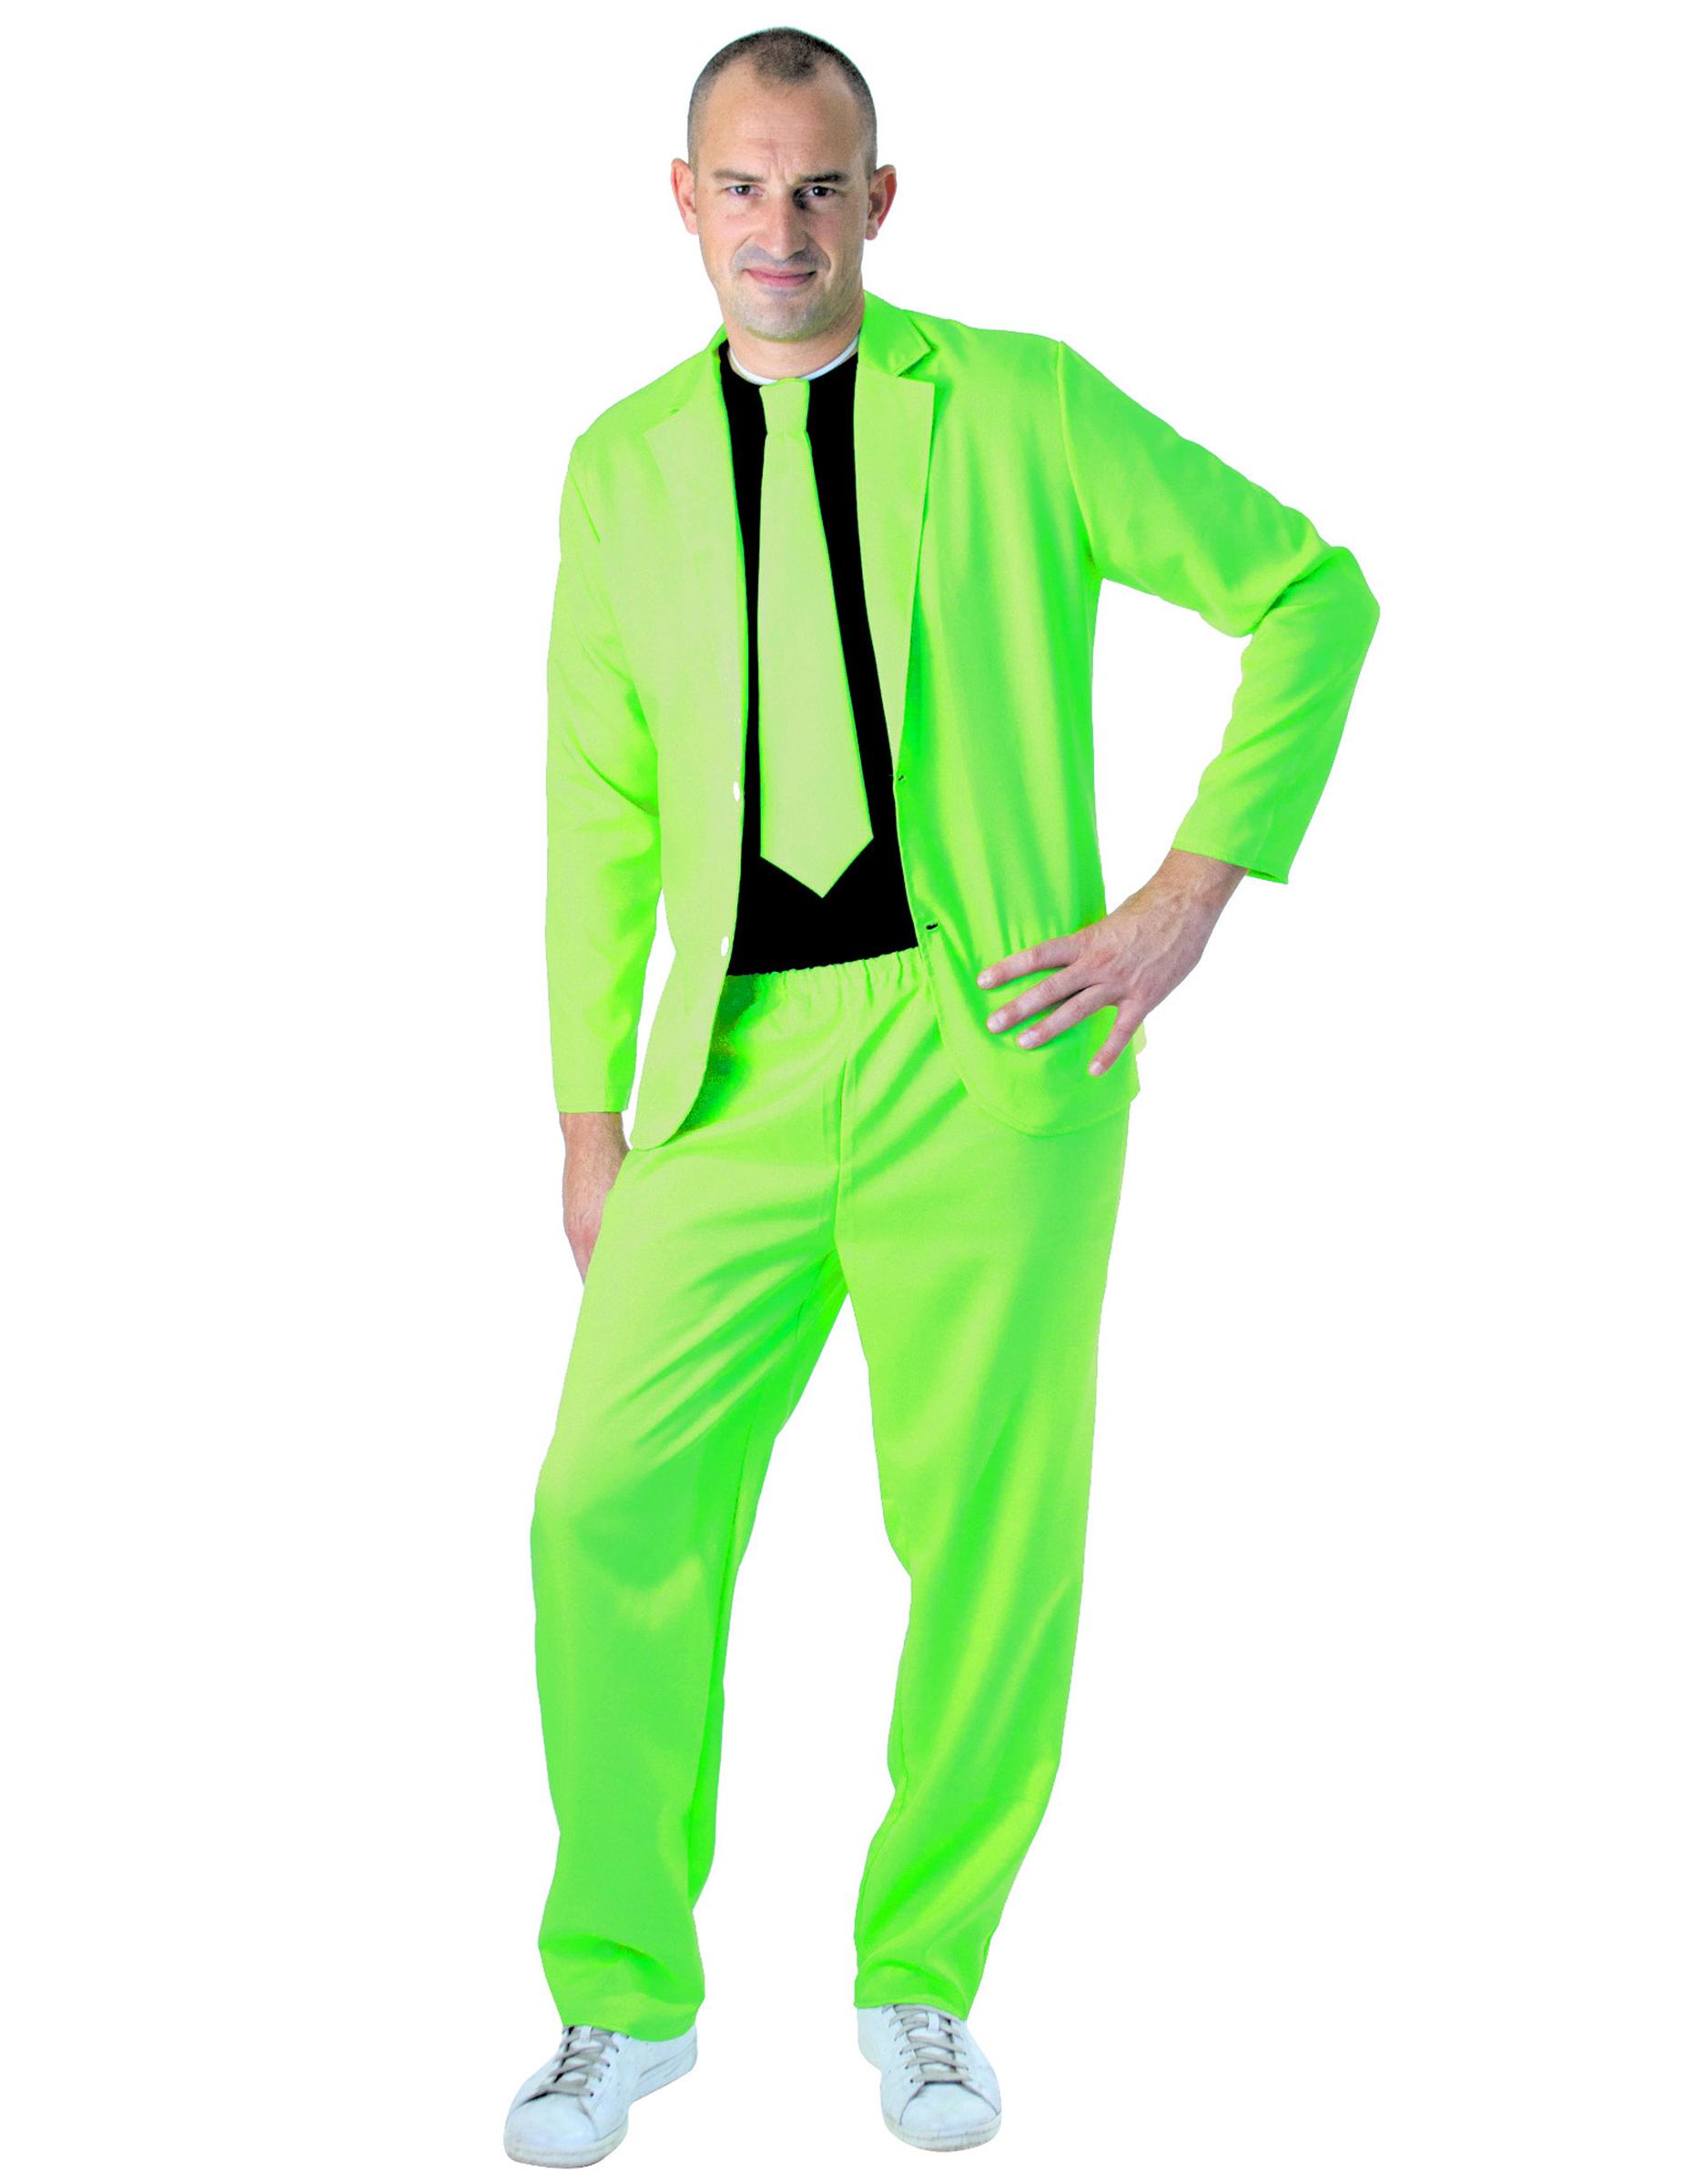 Où trouver l'offre Costume fluo au meilleur prix? Dans le magasin Jeux - Jouets de Cdiscount bien sûr! Avec des prix débutant au plus bas aujourd'hui mardi 2 octobre , comment ne pas craquer pour l'un de ces produits.